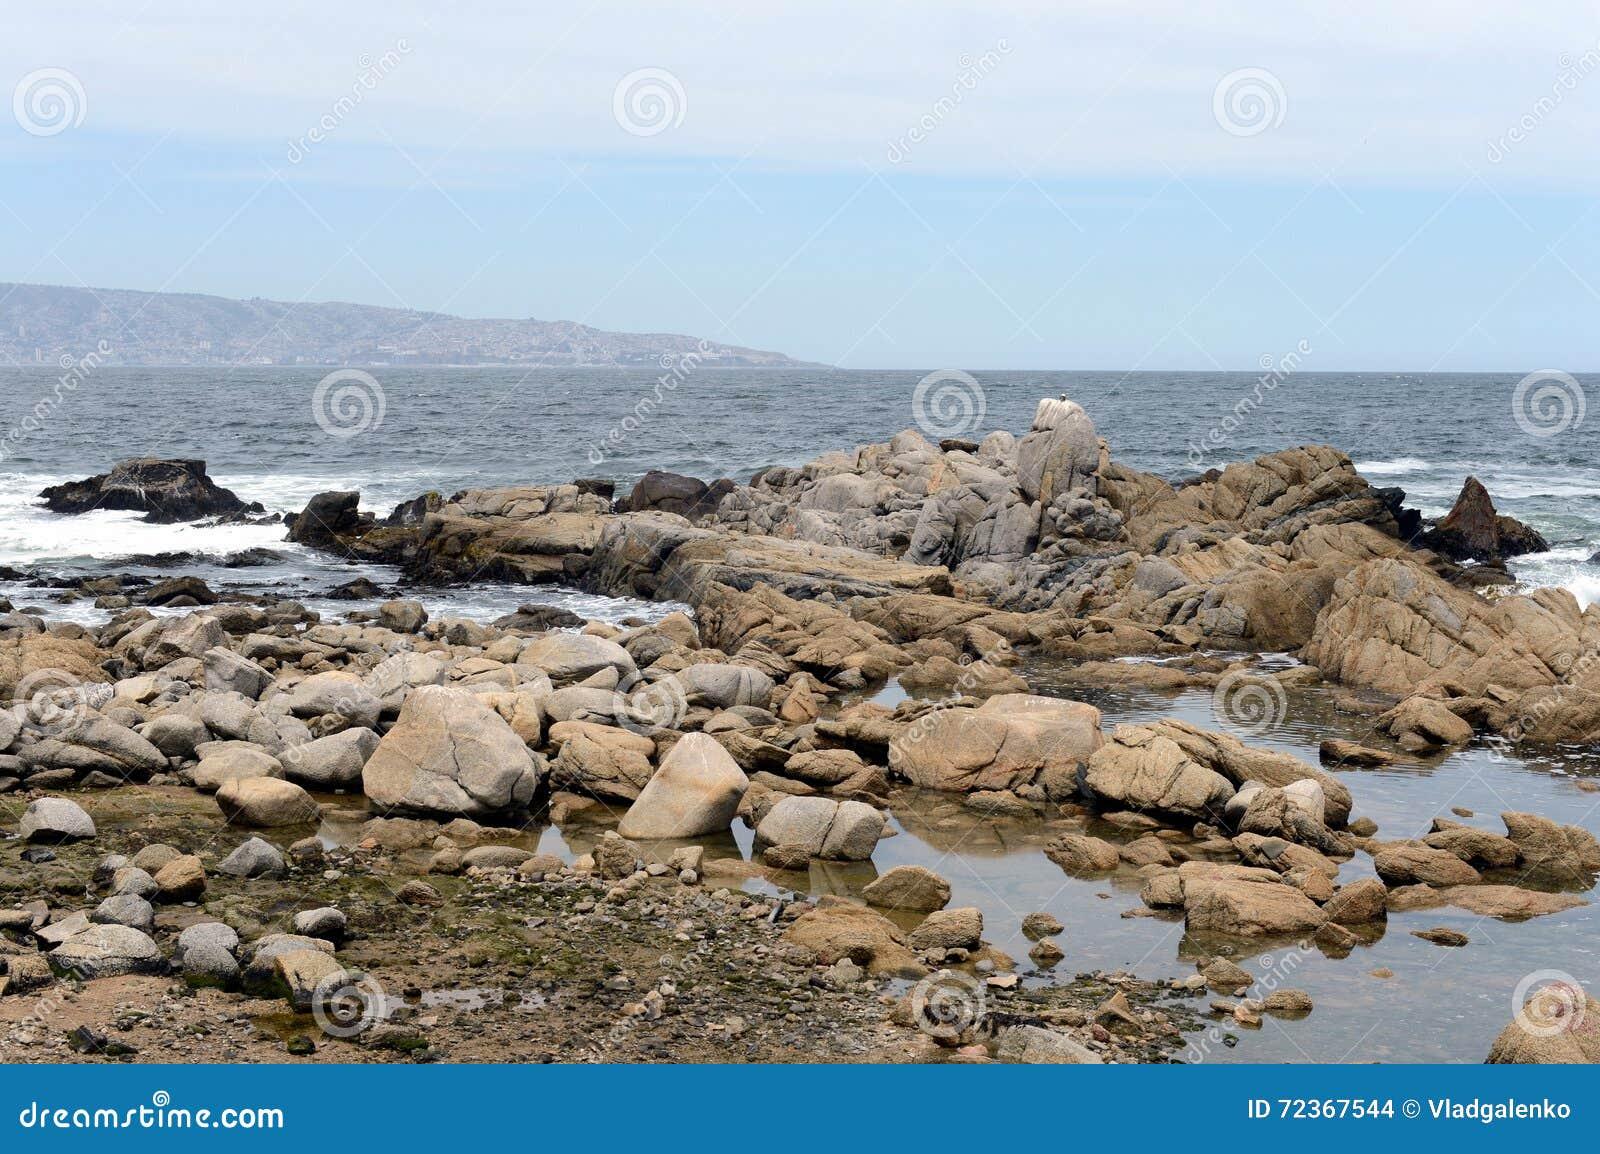 多岩石的海滩在比尼亚德尔马